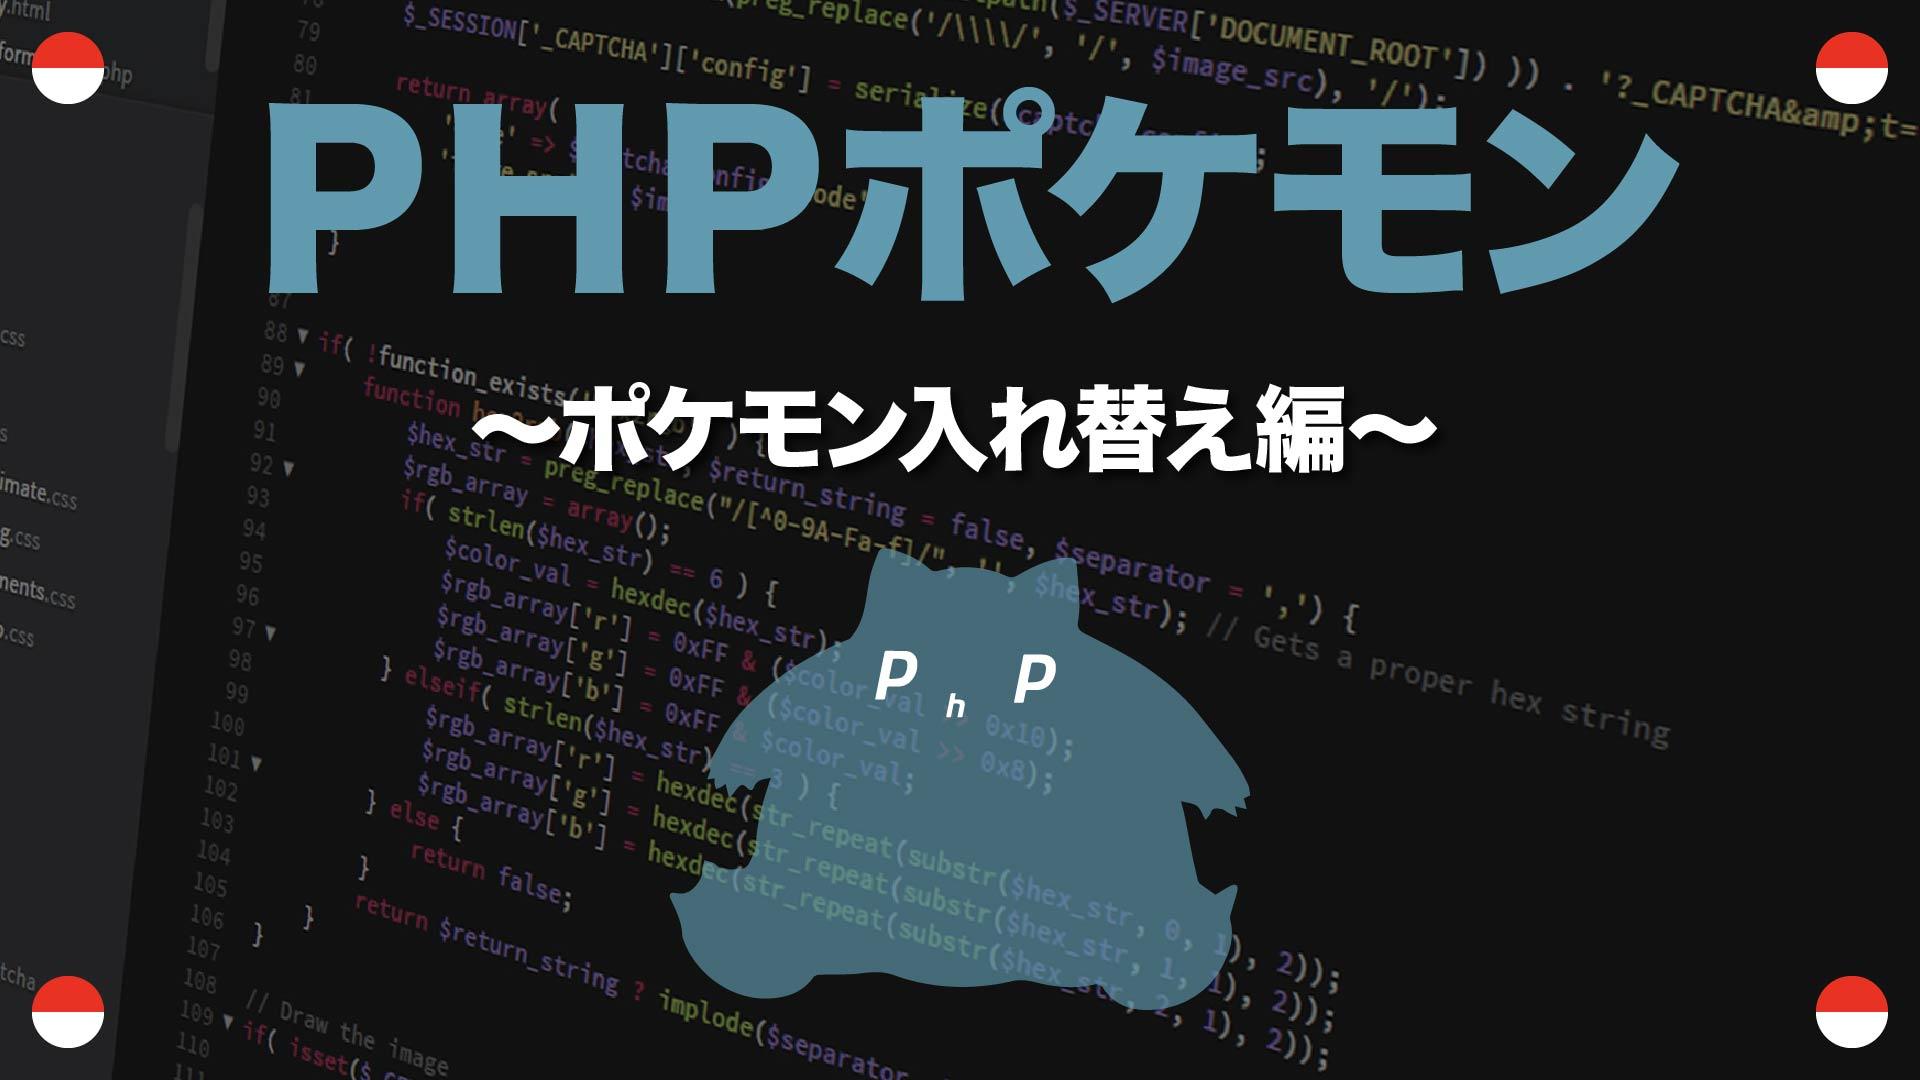 ポケモン入れ替え編 PHPポケモン 83